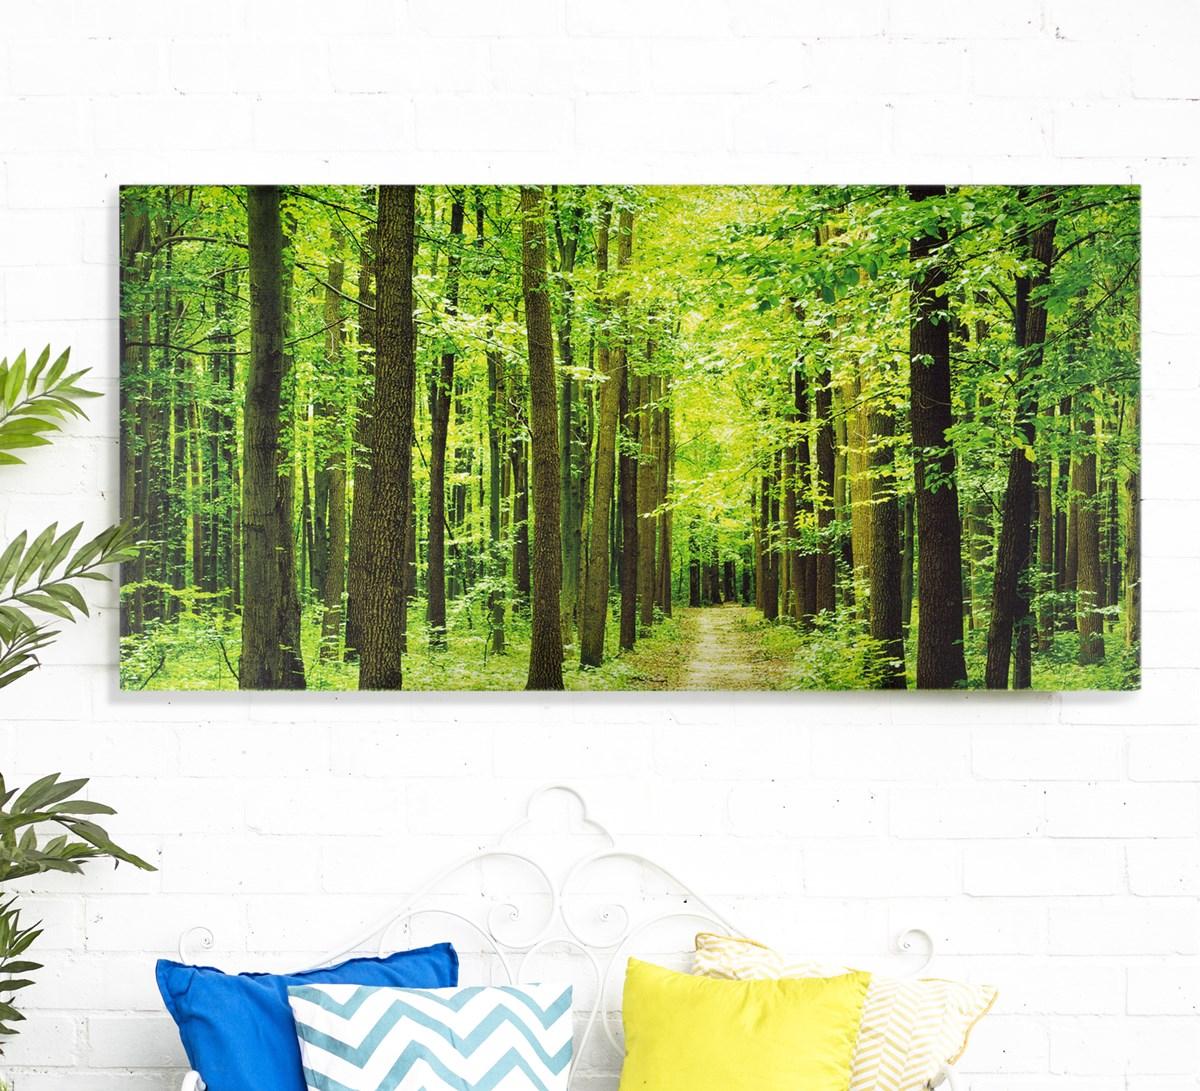 Outdoor Garden Wall Art: Forest Outdoor Wall Art